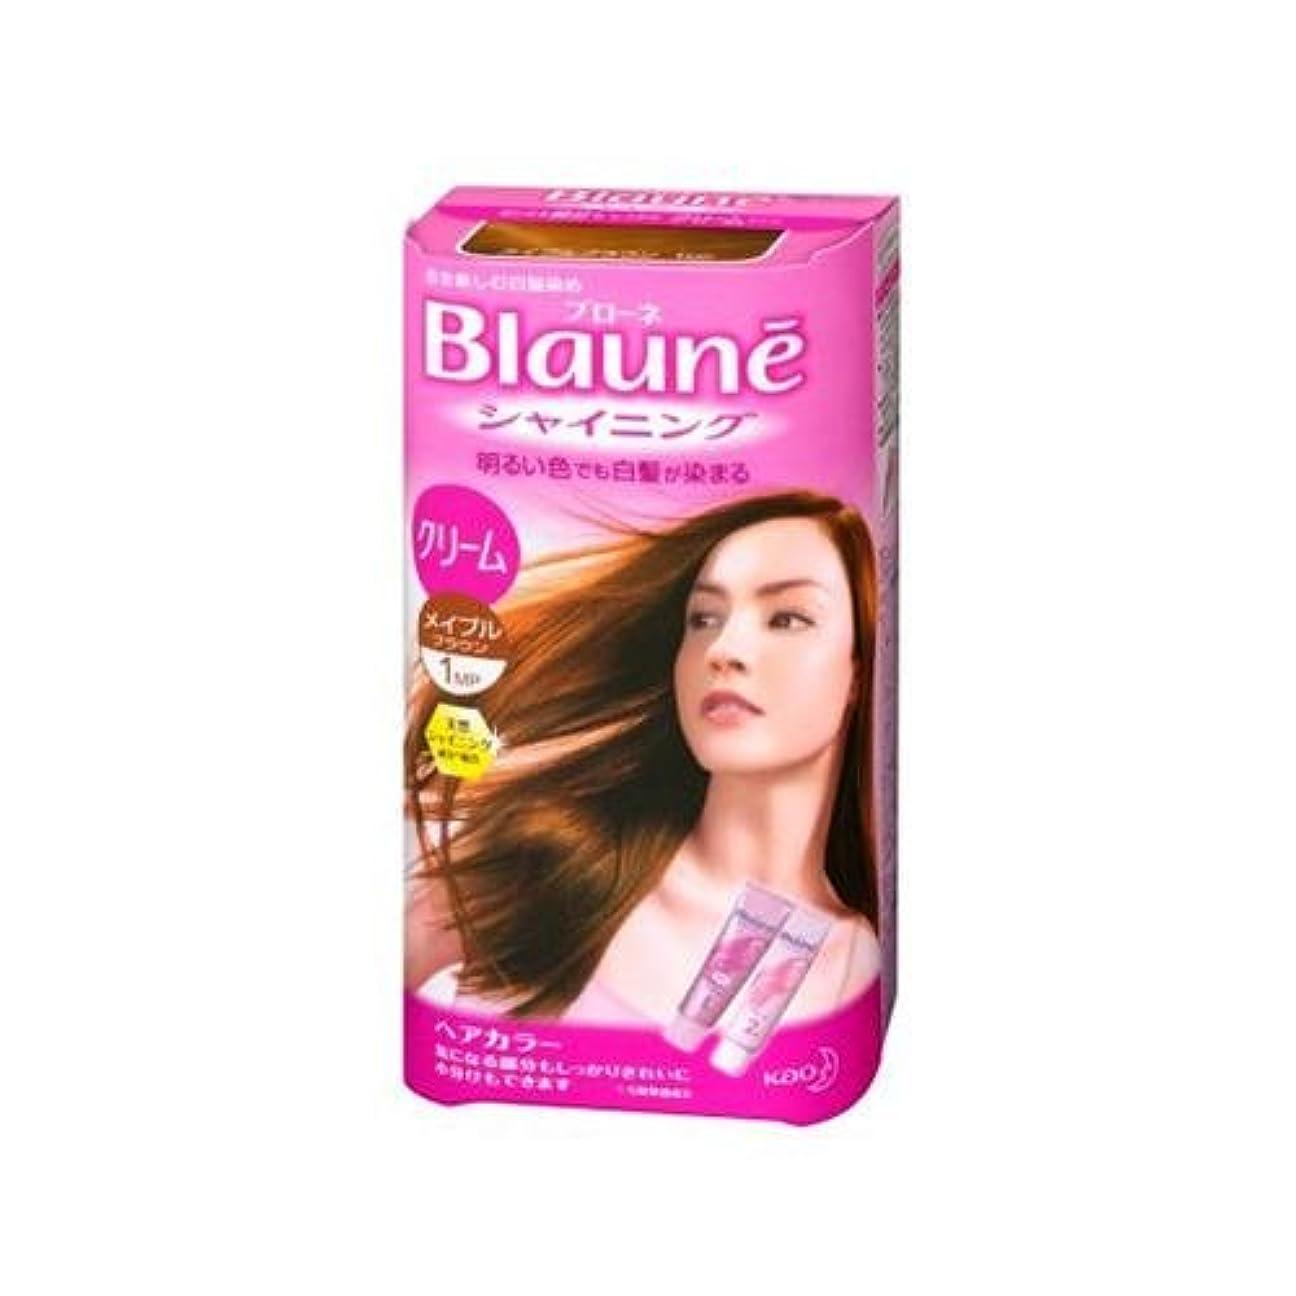 薄暗い定義するレスリング花王 ブローネ シャイニングヘアカラー クリーム 1剤50g/2剤50g(医薬部外品)《各50g》<カラー:メイプルBR>